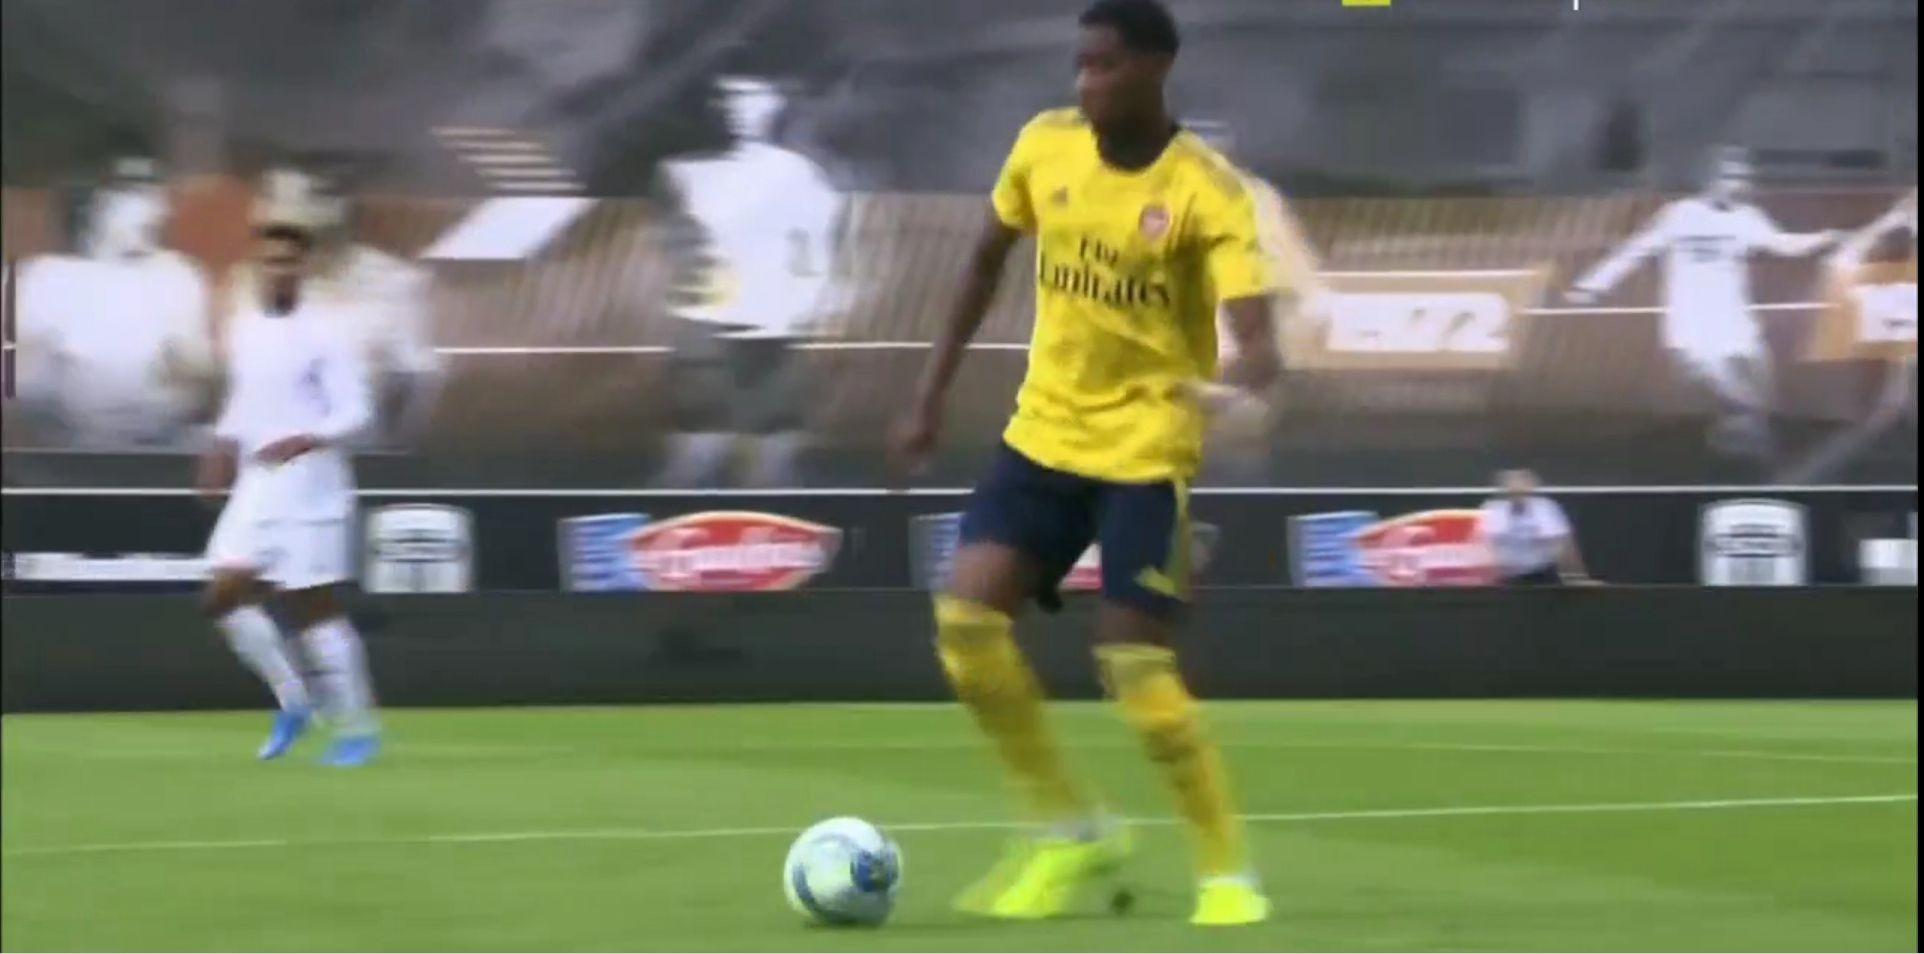 半场战报:昂热1-0阿森纳,埃尔梅拉利单刀破门